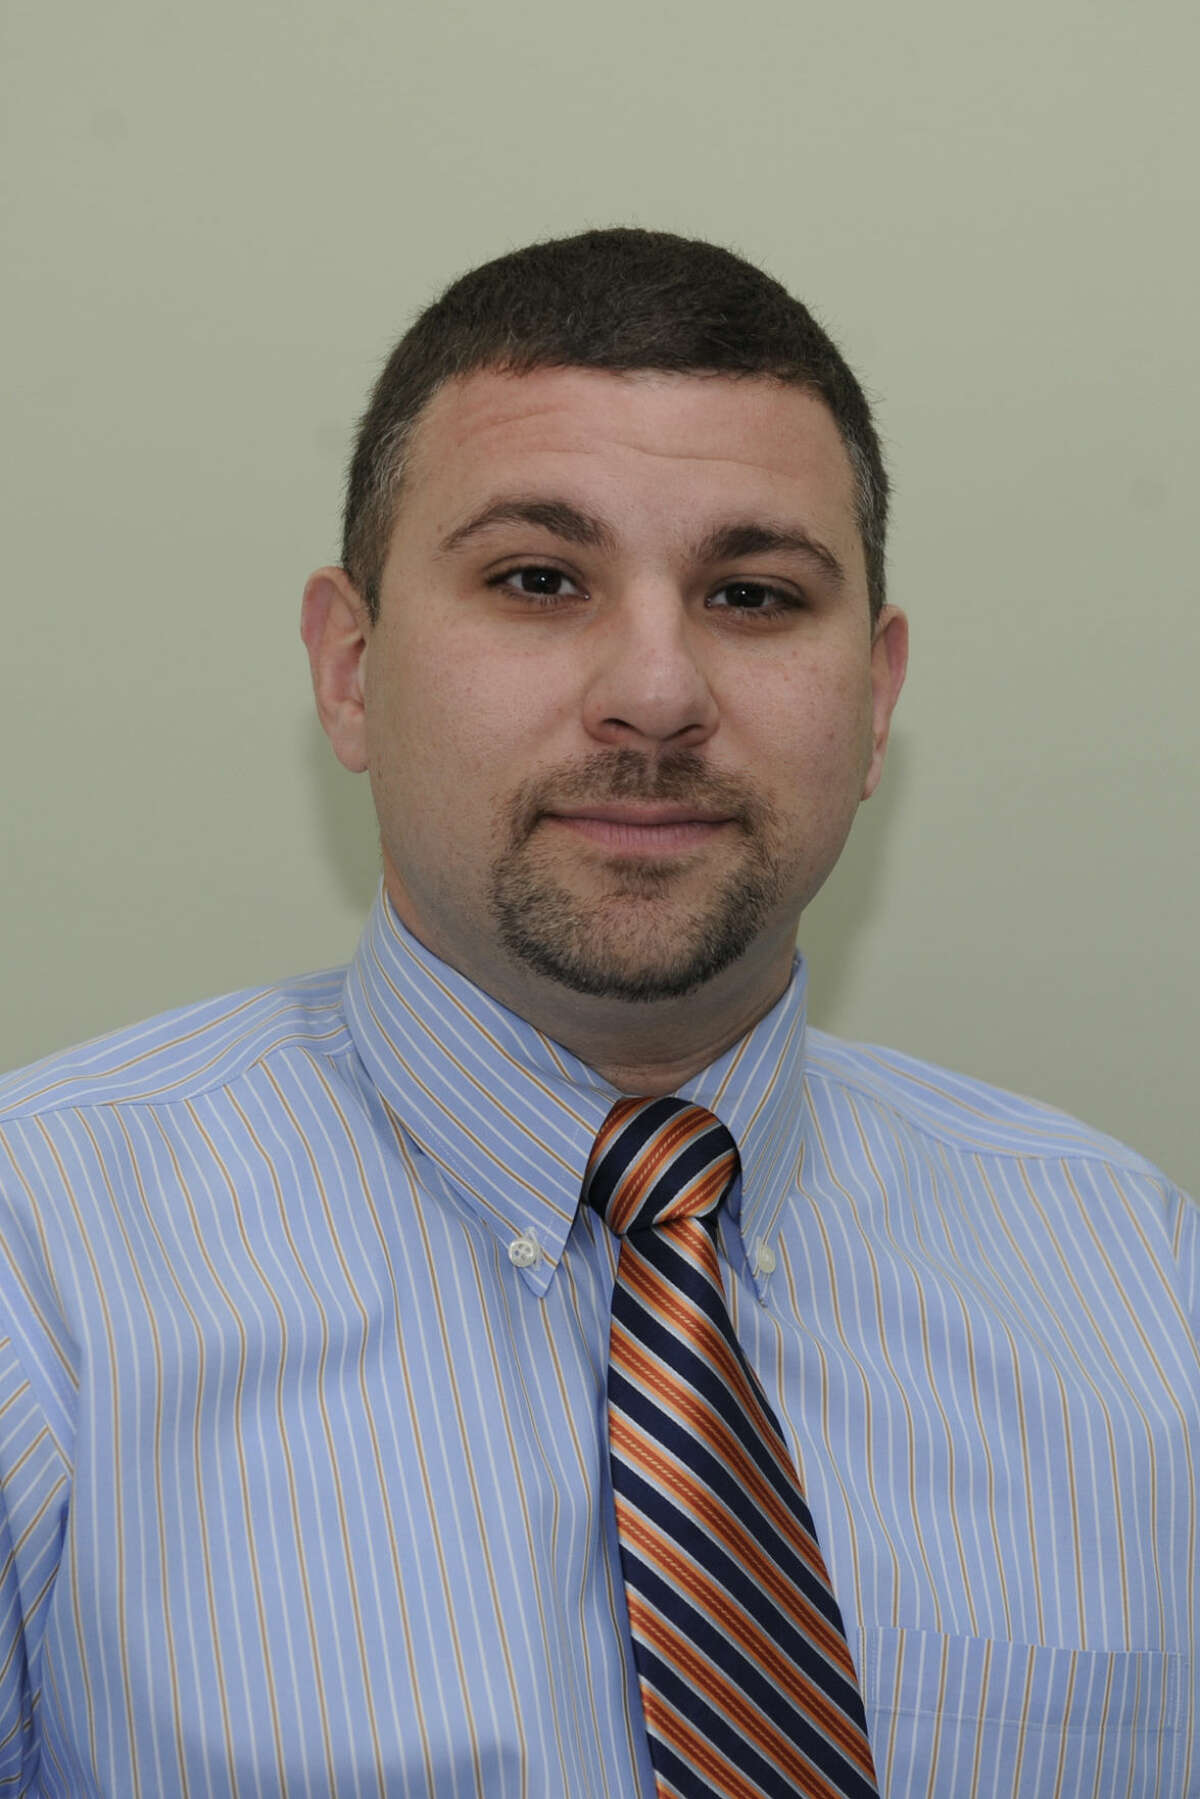 Roton Middle School Teacher, Robert Pennington